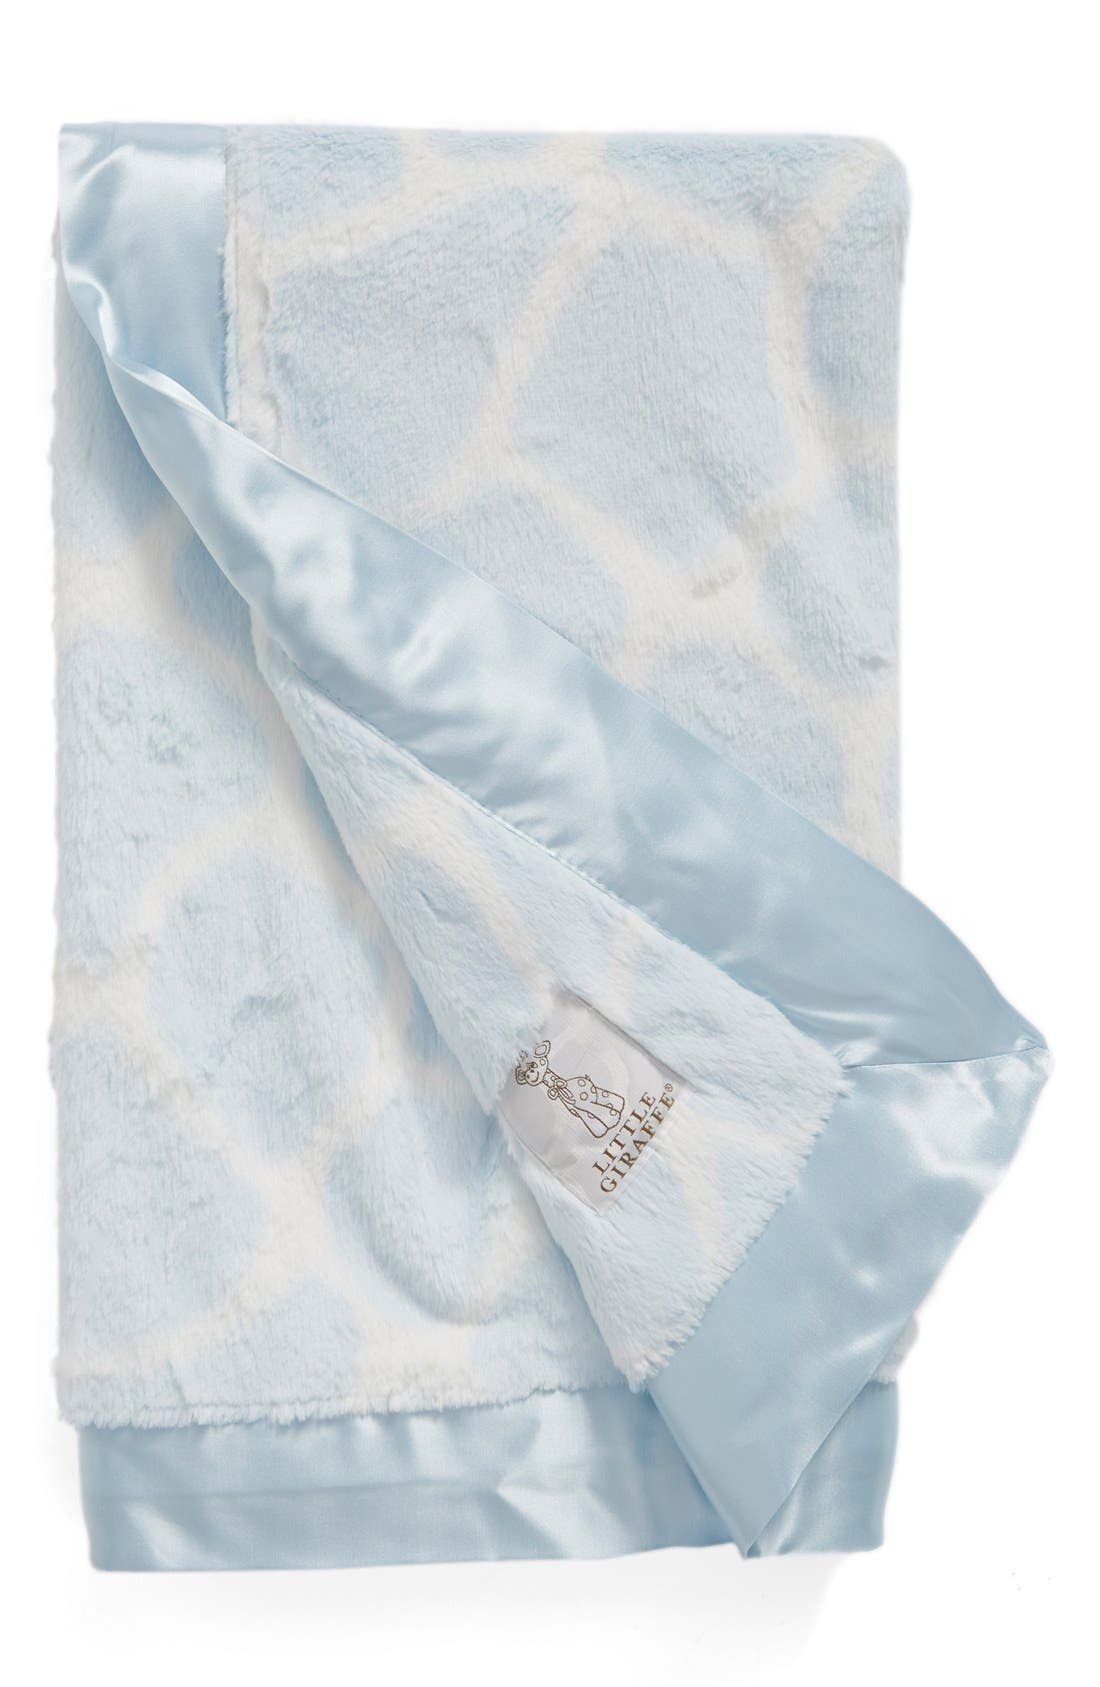 Main Image - Little Giraffe 'Luxe Giraffe Print™' Blanket